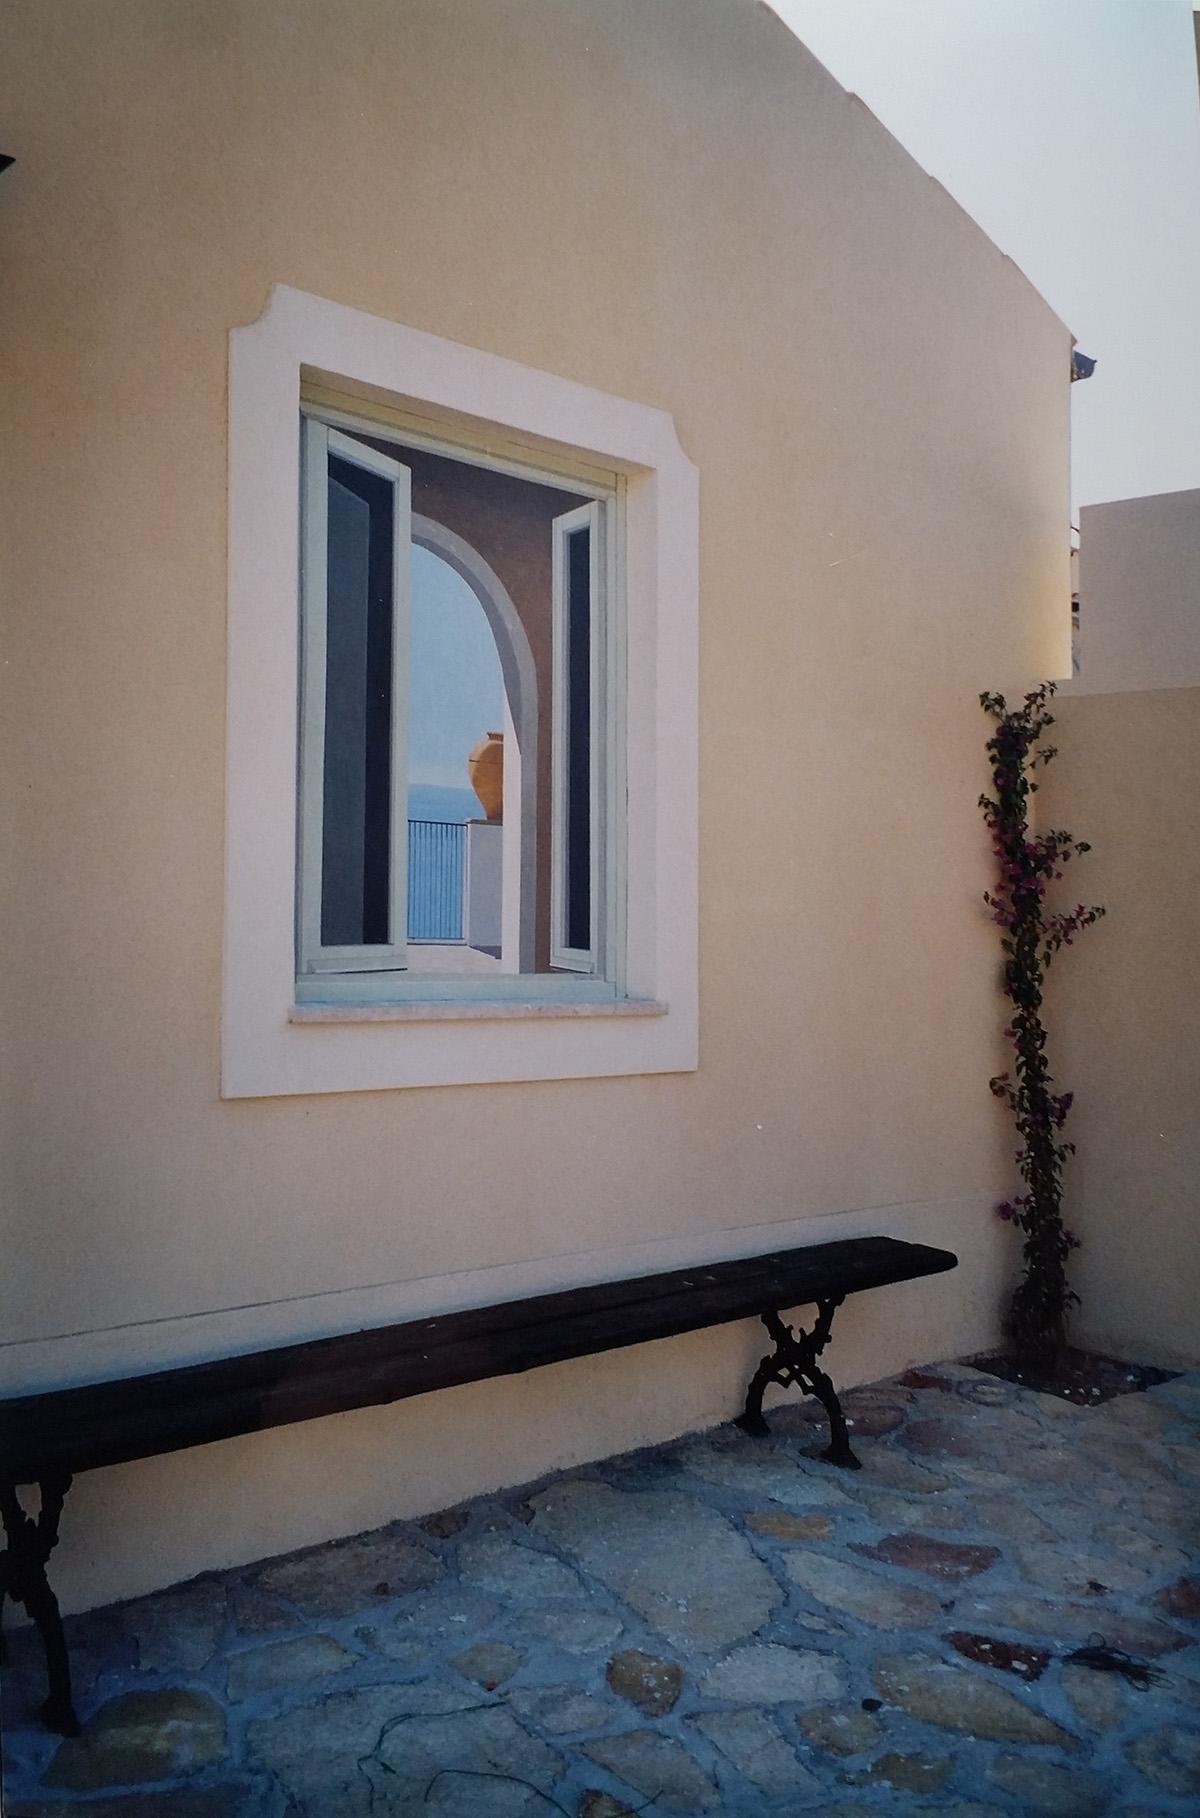 Esterno Hall Cefalù Sicilia Tecnica mista. Colorazione ad acrilico su tela.